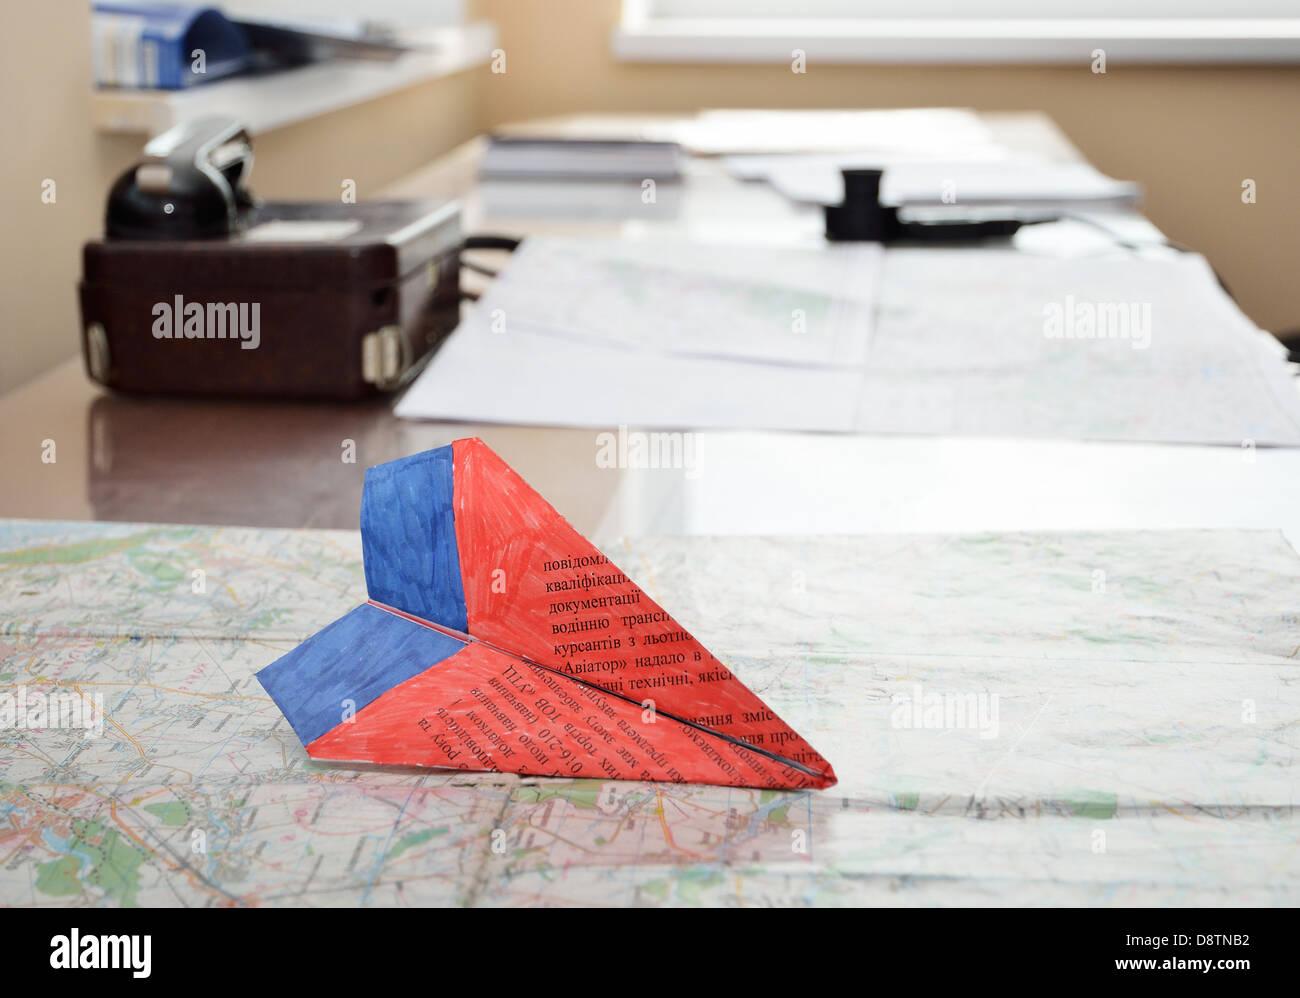 Papierflieger auf der Luftbildkarte Stockbild